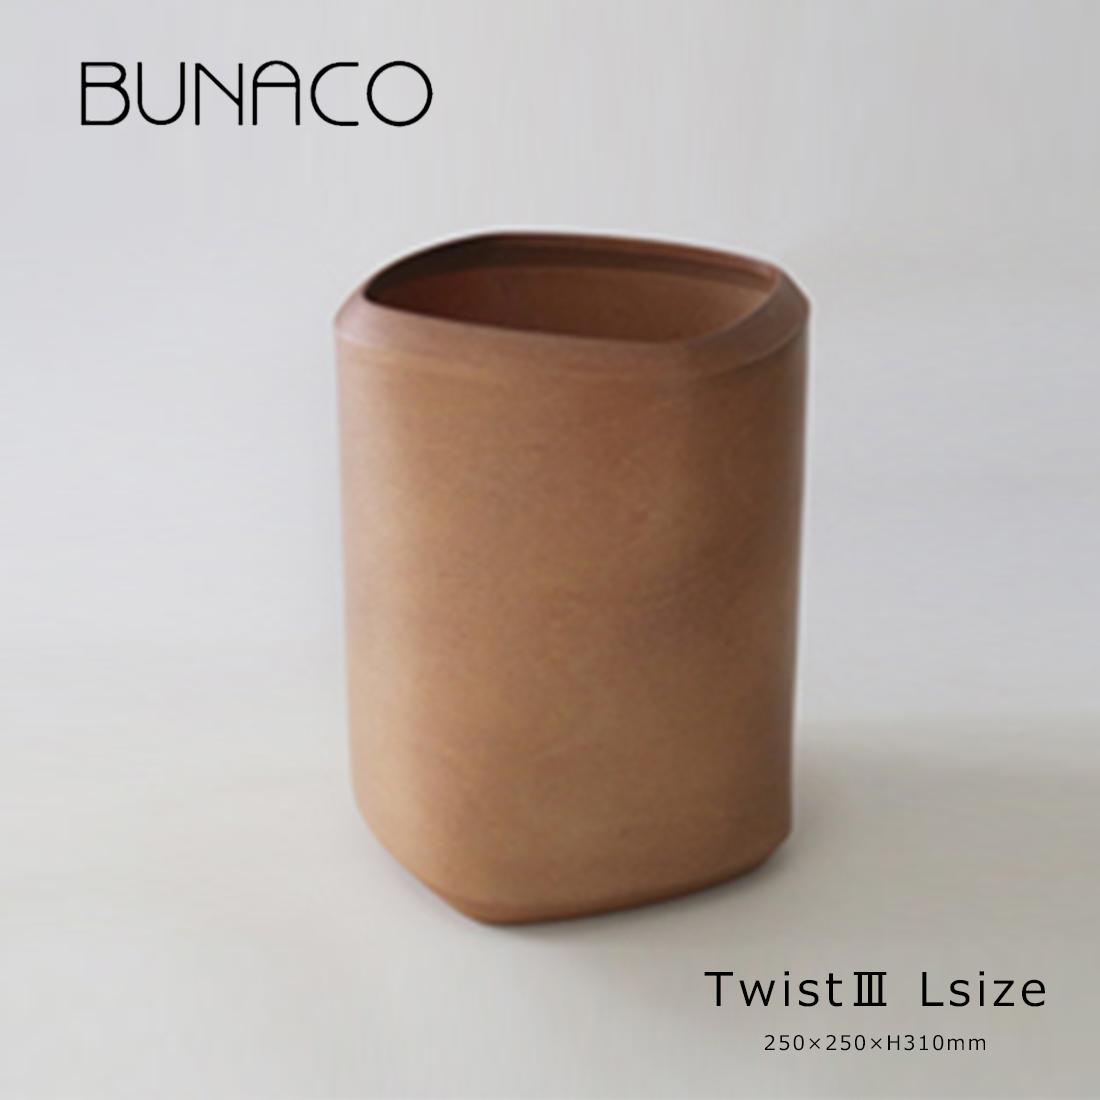 店舗クーポン発行中!【BUNACO/ブナコ】Dust Box Twist3 《Size L》 ダストボックス ツイストギフト/ゴミ箱/木工品/日本製/インテリア